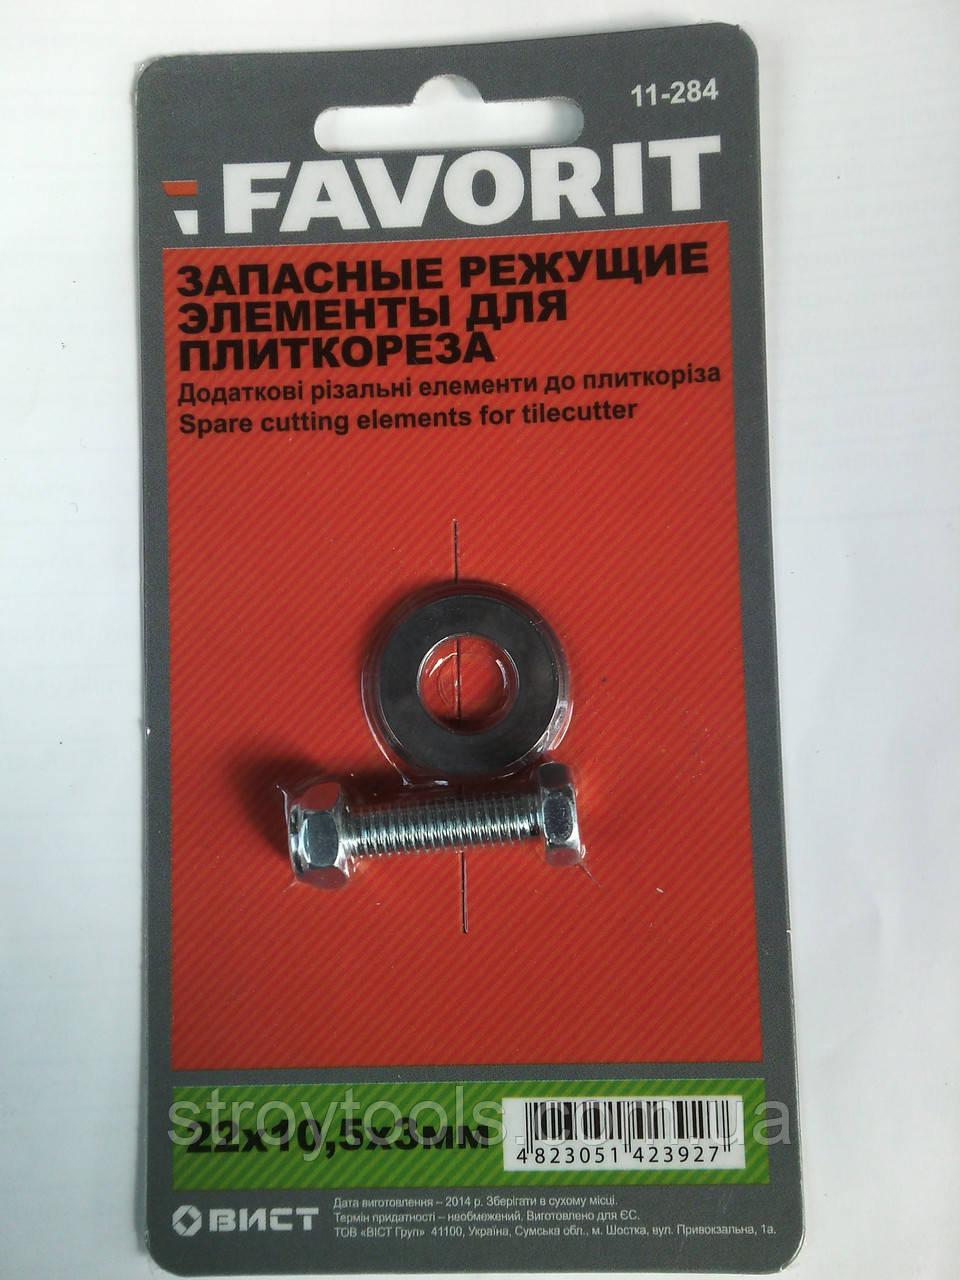 Дополнительные режущие элементы,ролик для  плиткореза, 22x10,5 x3 мм, Favorit (11-284)Киев.